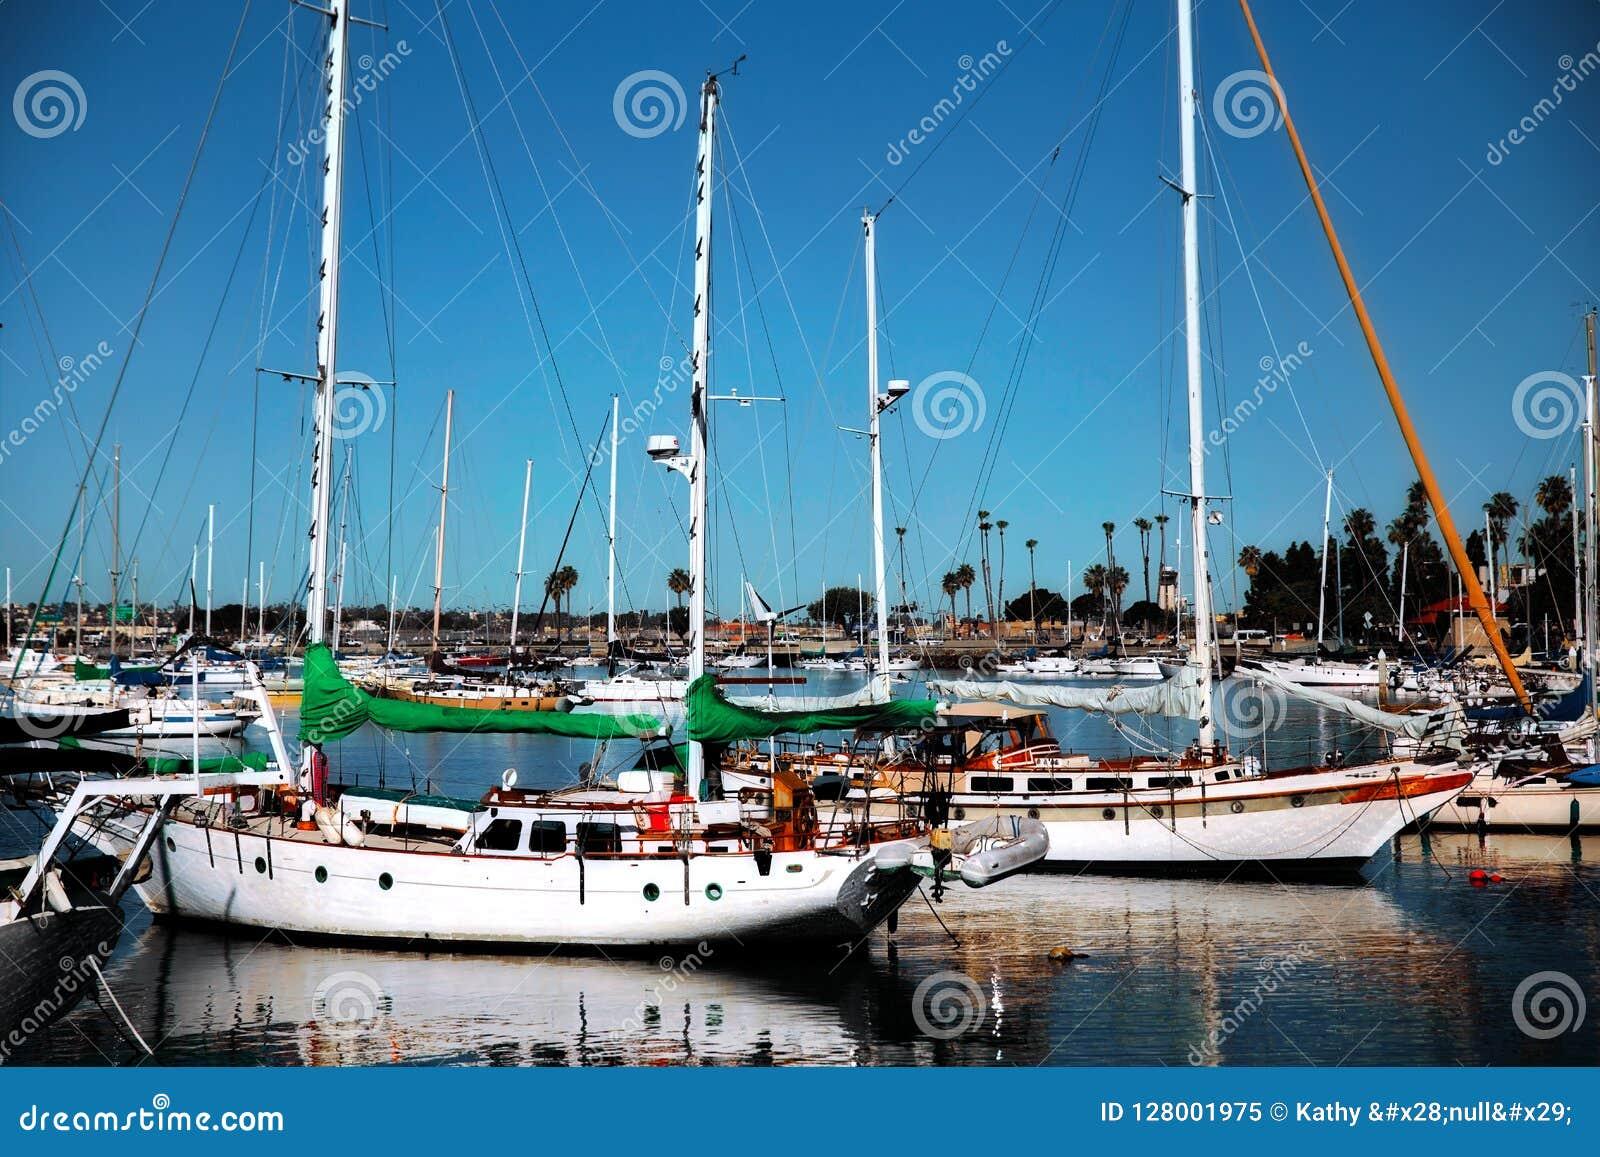 Segelboote in einem Hafen in San Diego